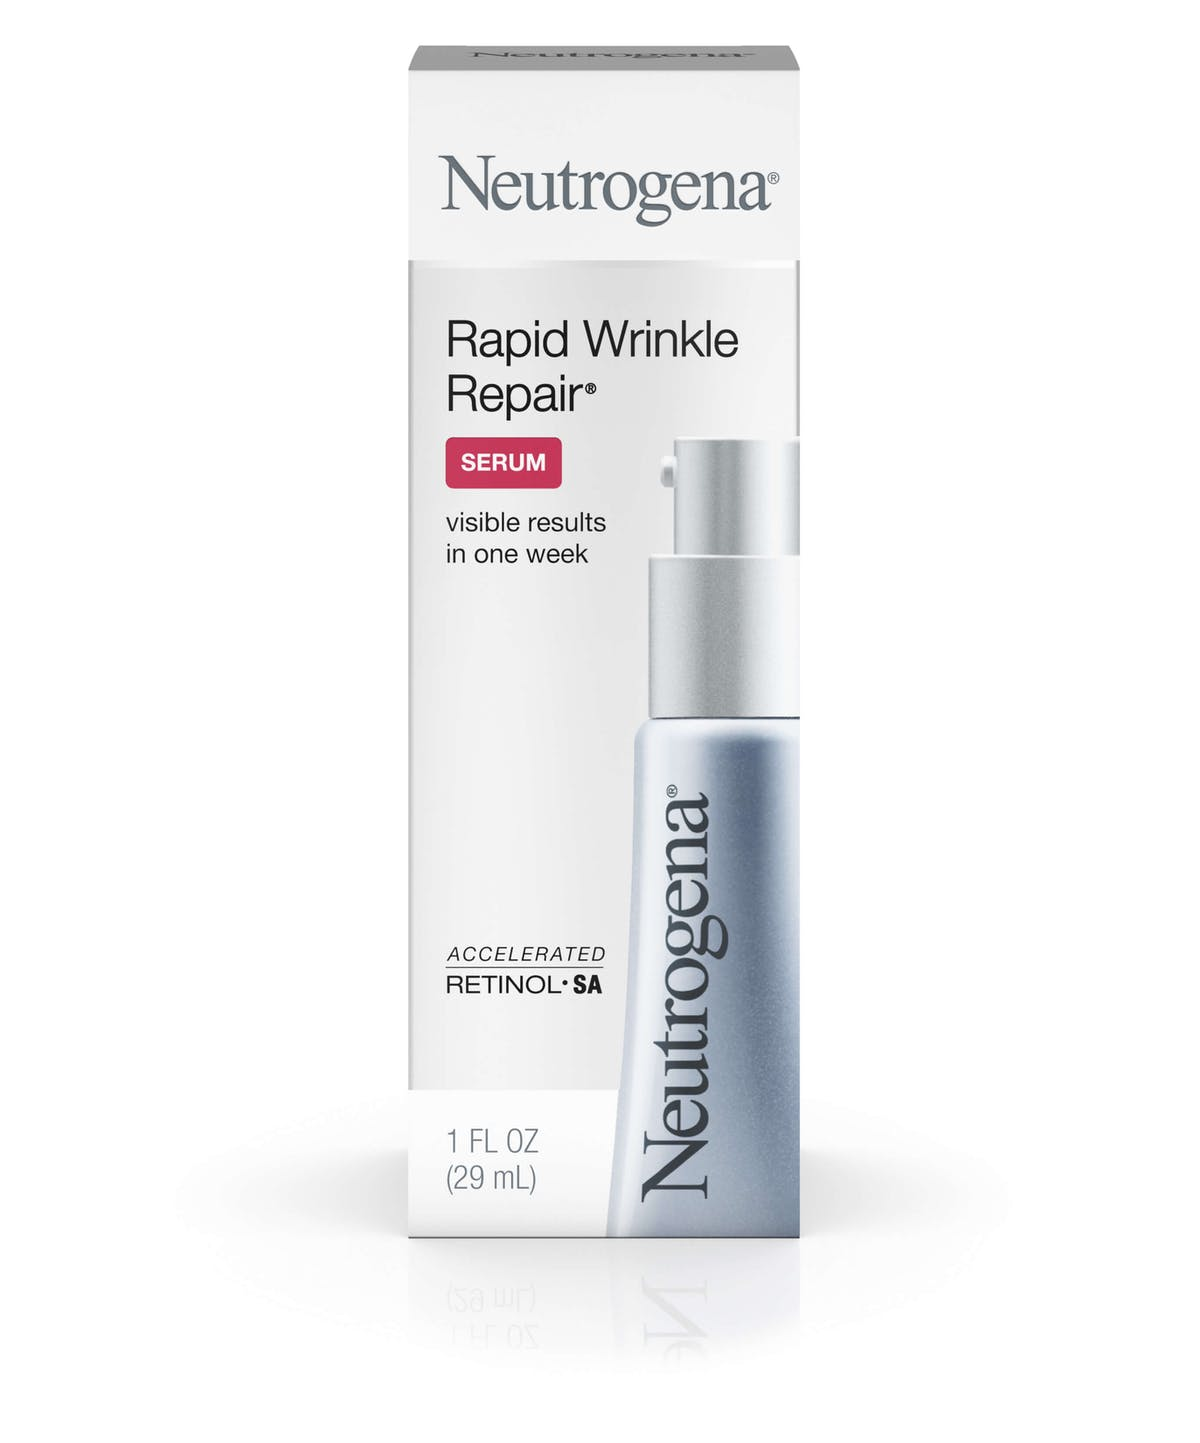 serum retinol Neutrogena Rapid Wrinkle Repair Serum